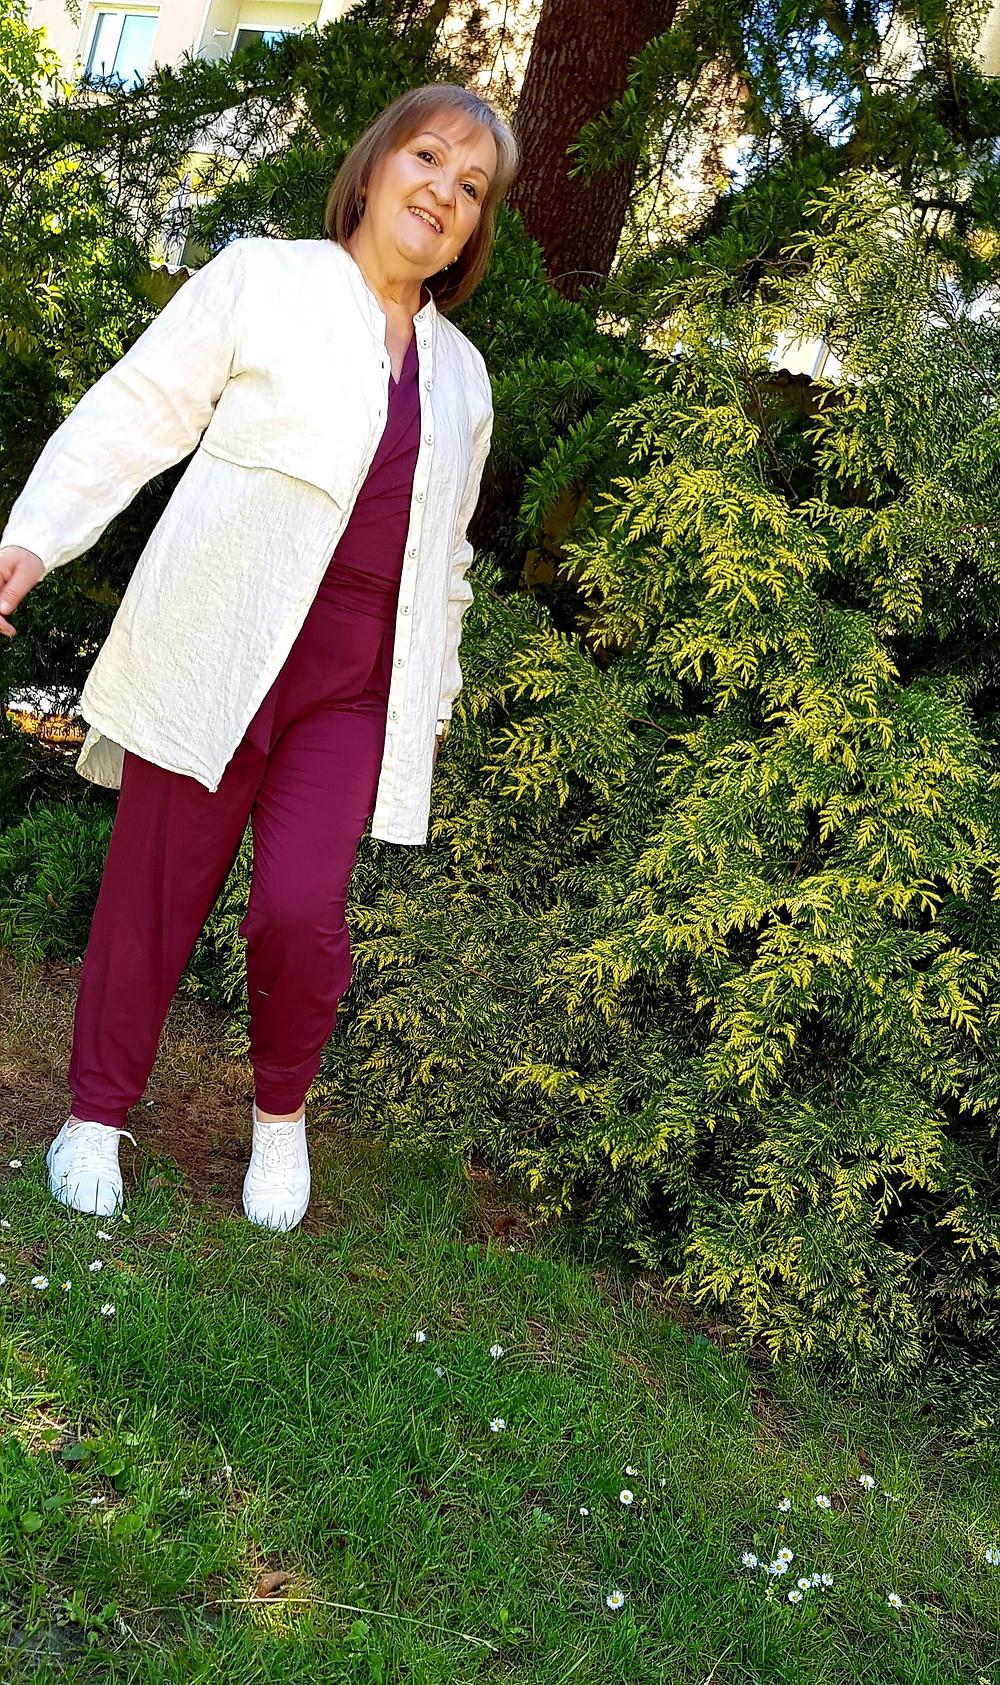 Frau vor gründen Büschen mit beiger Bluse, rotem Jumpsuit und weißen Sneekers.